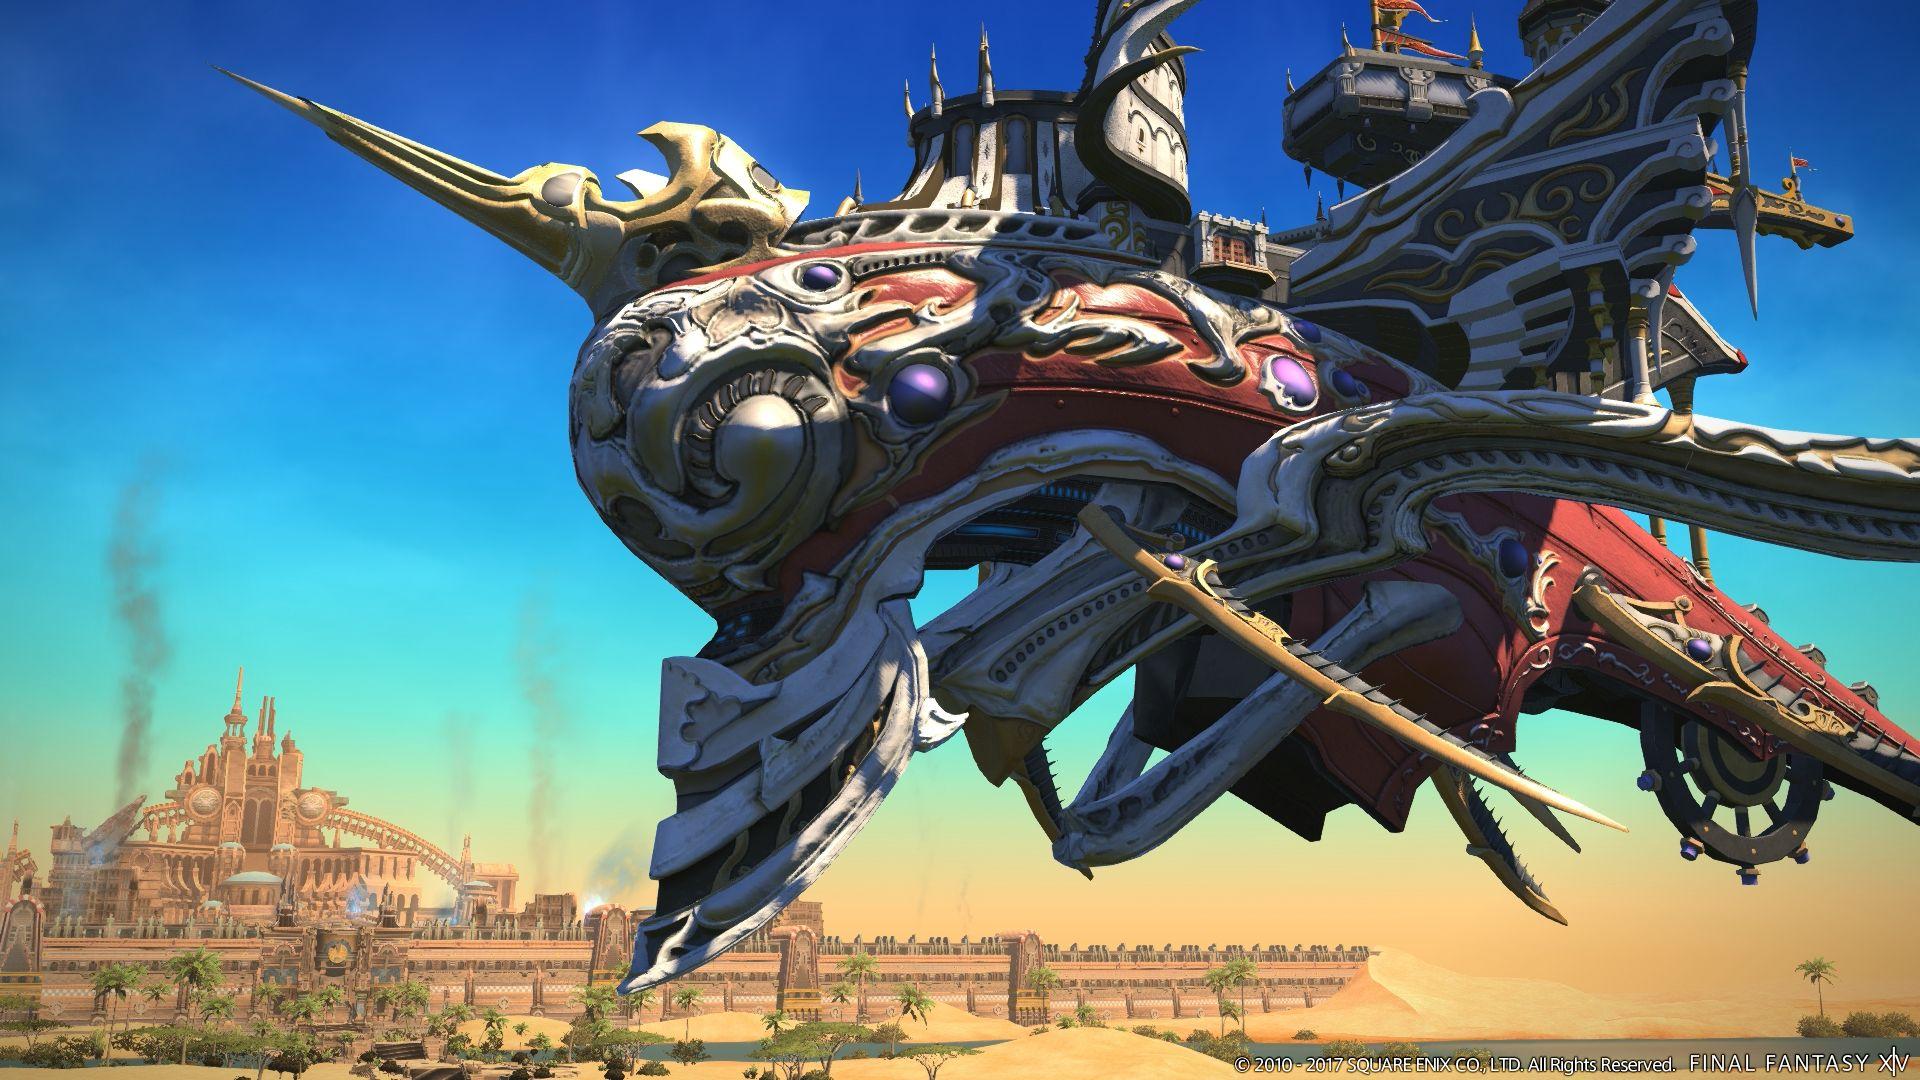 New Screenshots Of Quot Final Fantasy Xiv The Legend Returns